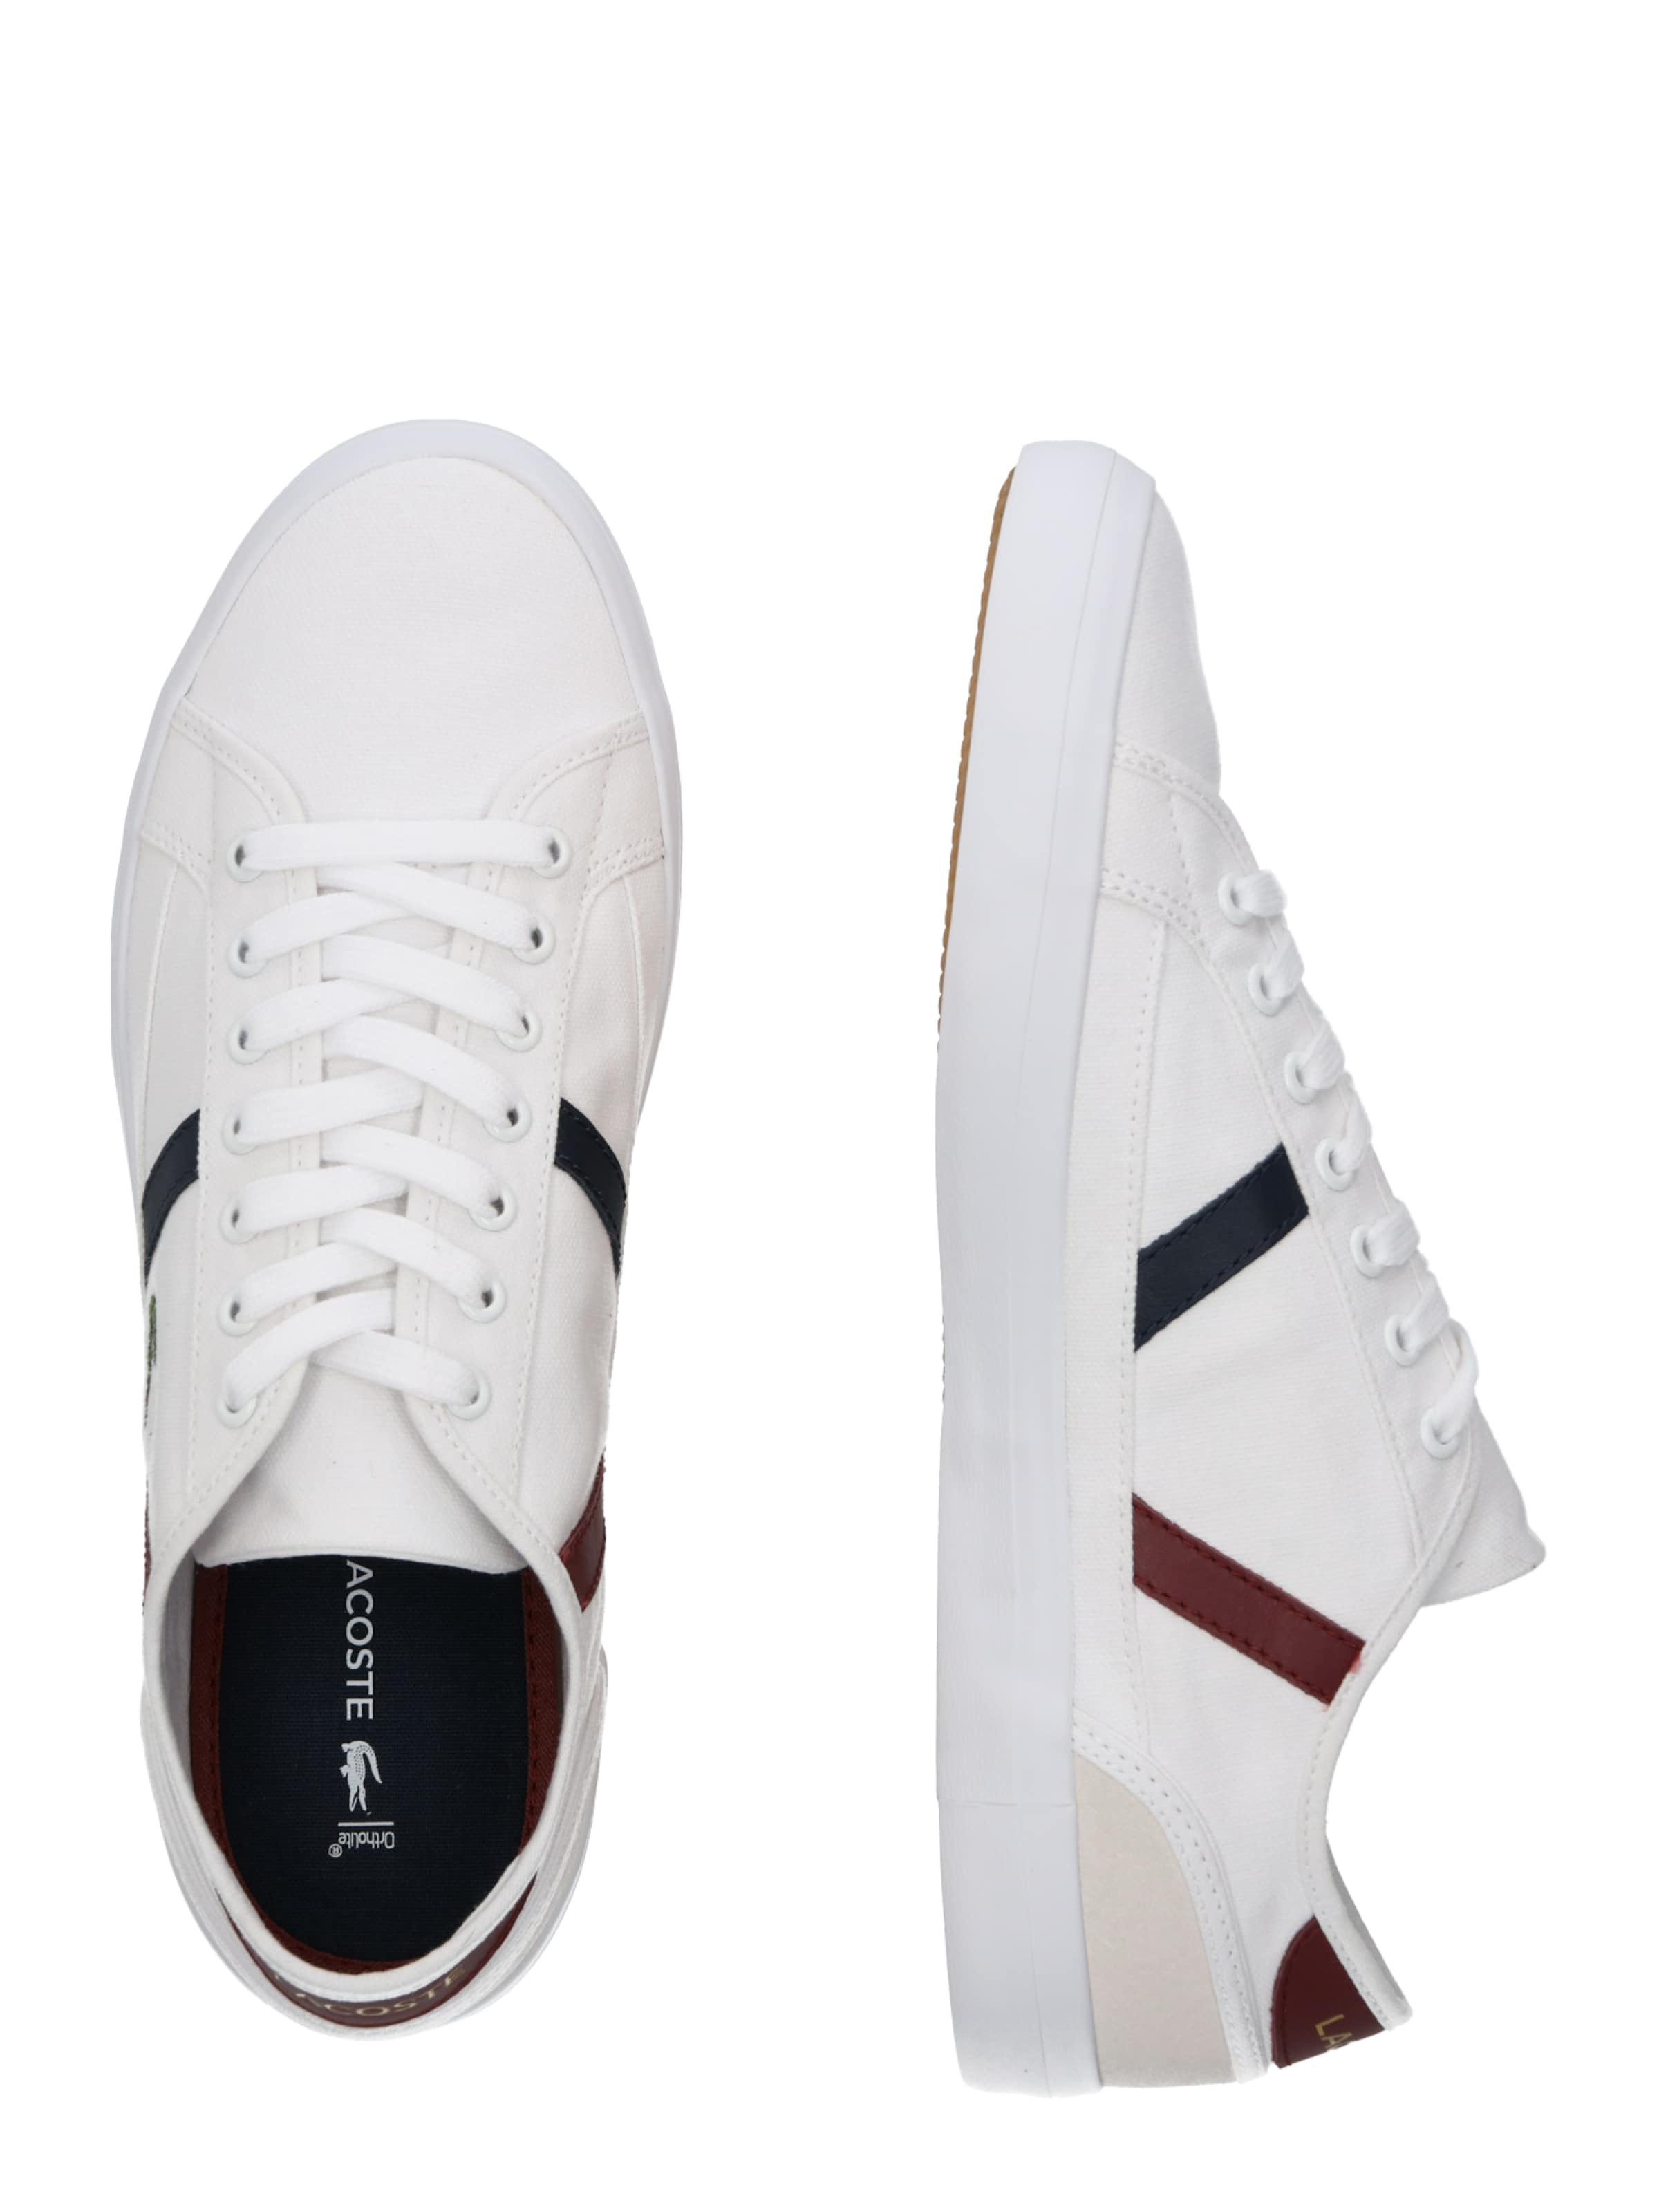 In Cma' Lacoste 319 Sneaker 4 'sideline Weiß 80vOmywNnP